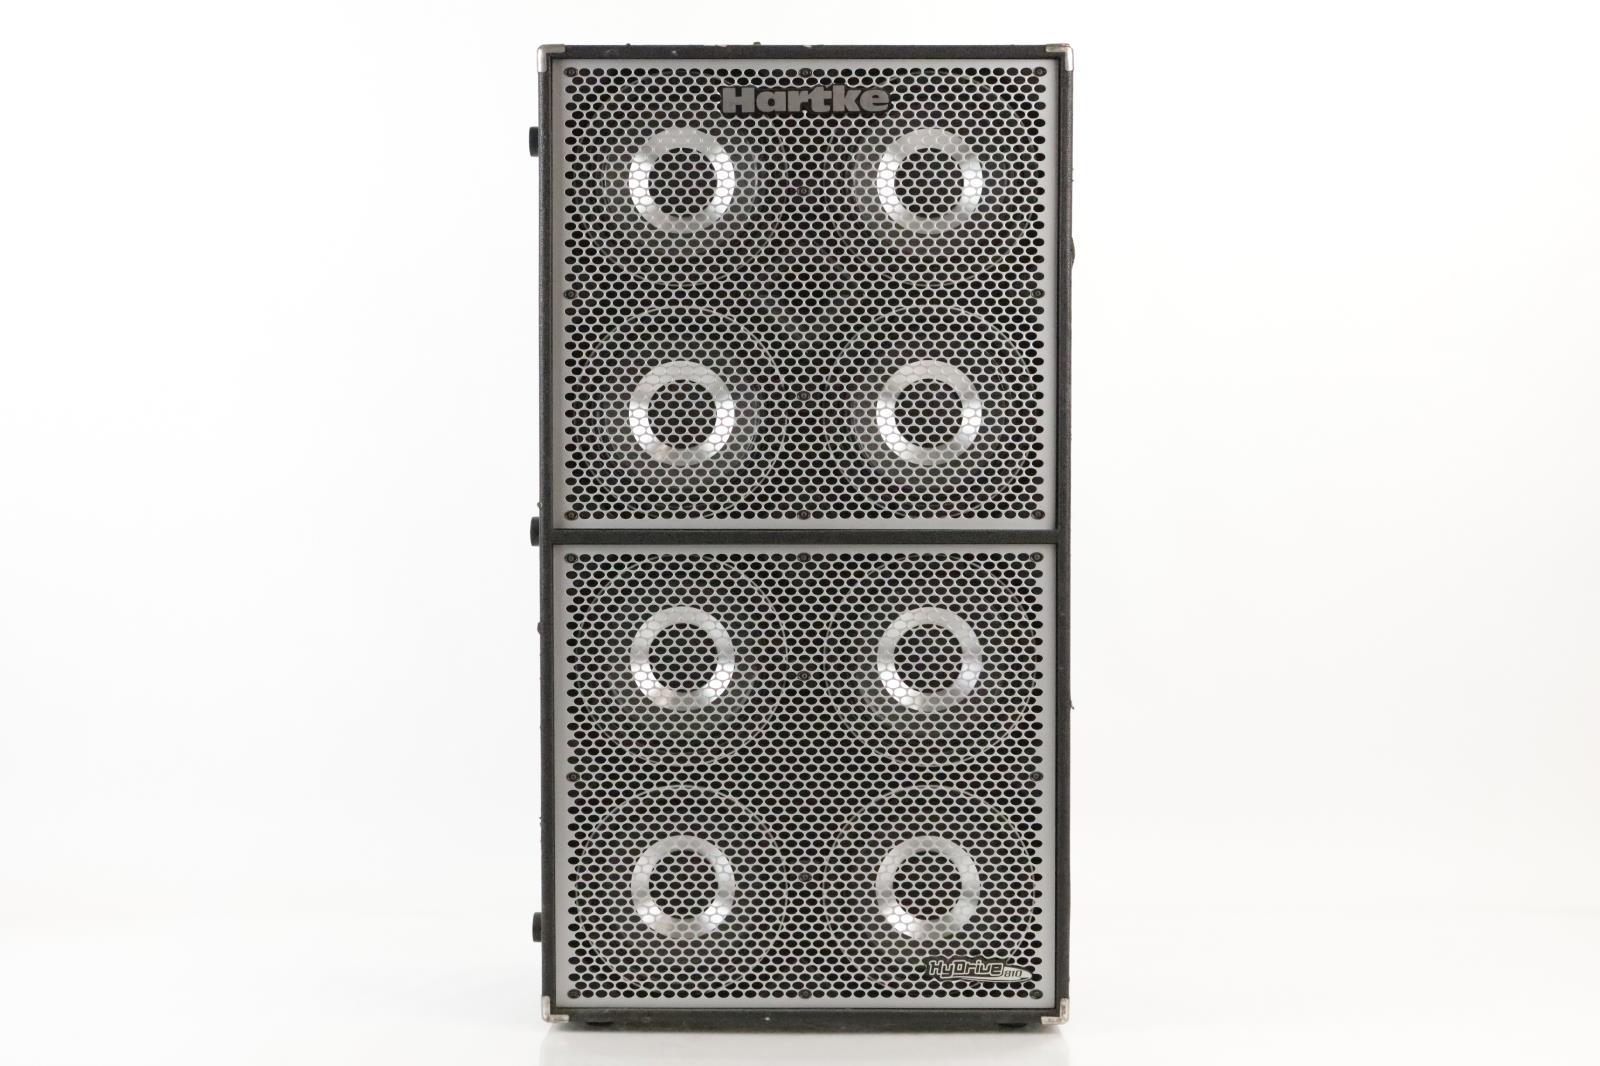 Hartke Hydrive HX810 8x10 Bass 4Ω ohms Cabinet 810 Cab #35030